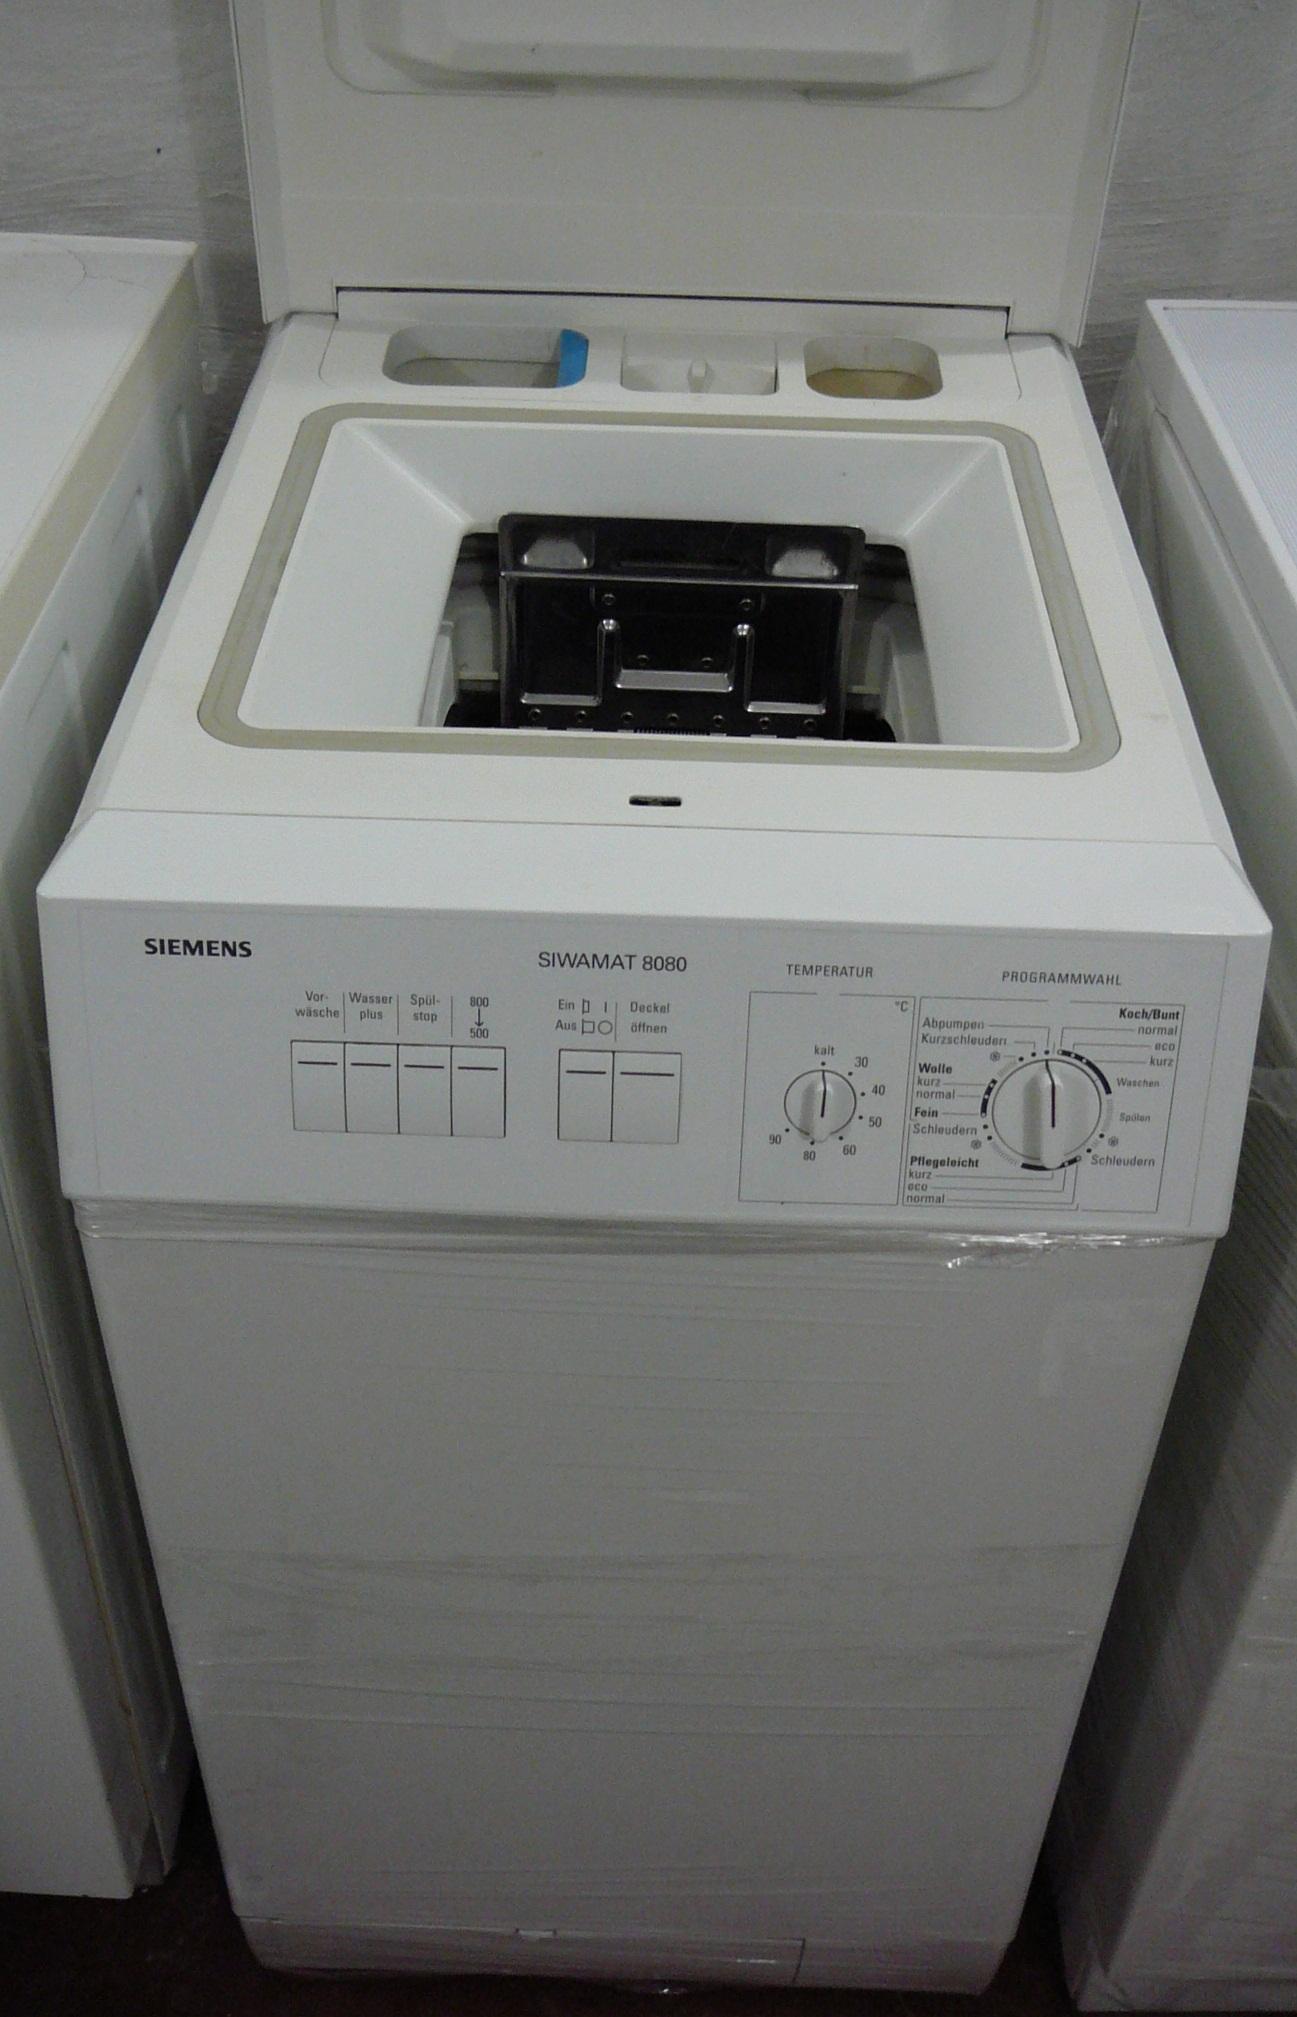 инструкция по замене подшипника стиральной машины самсунг wf6600s4v